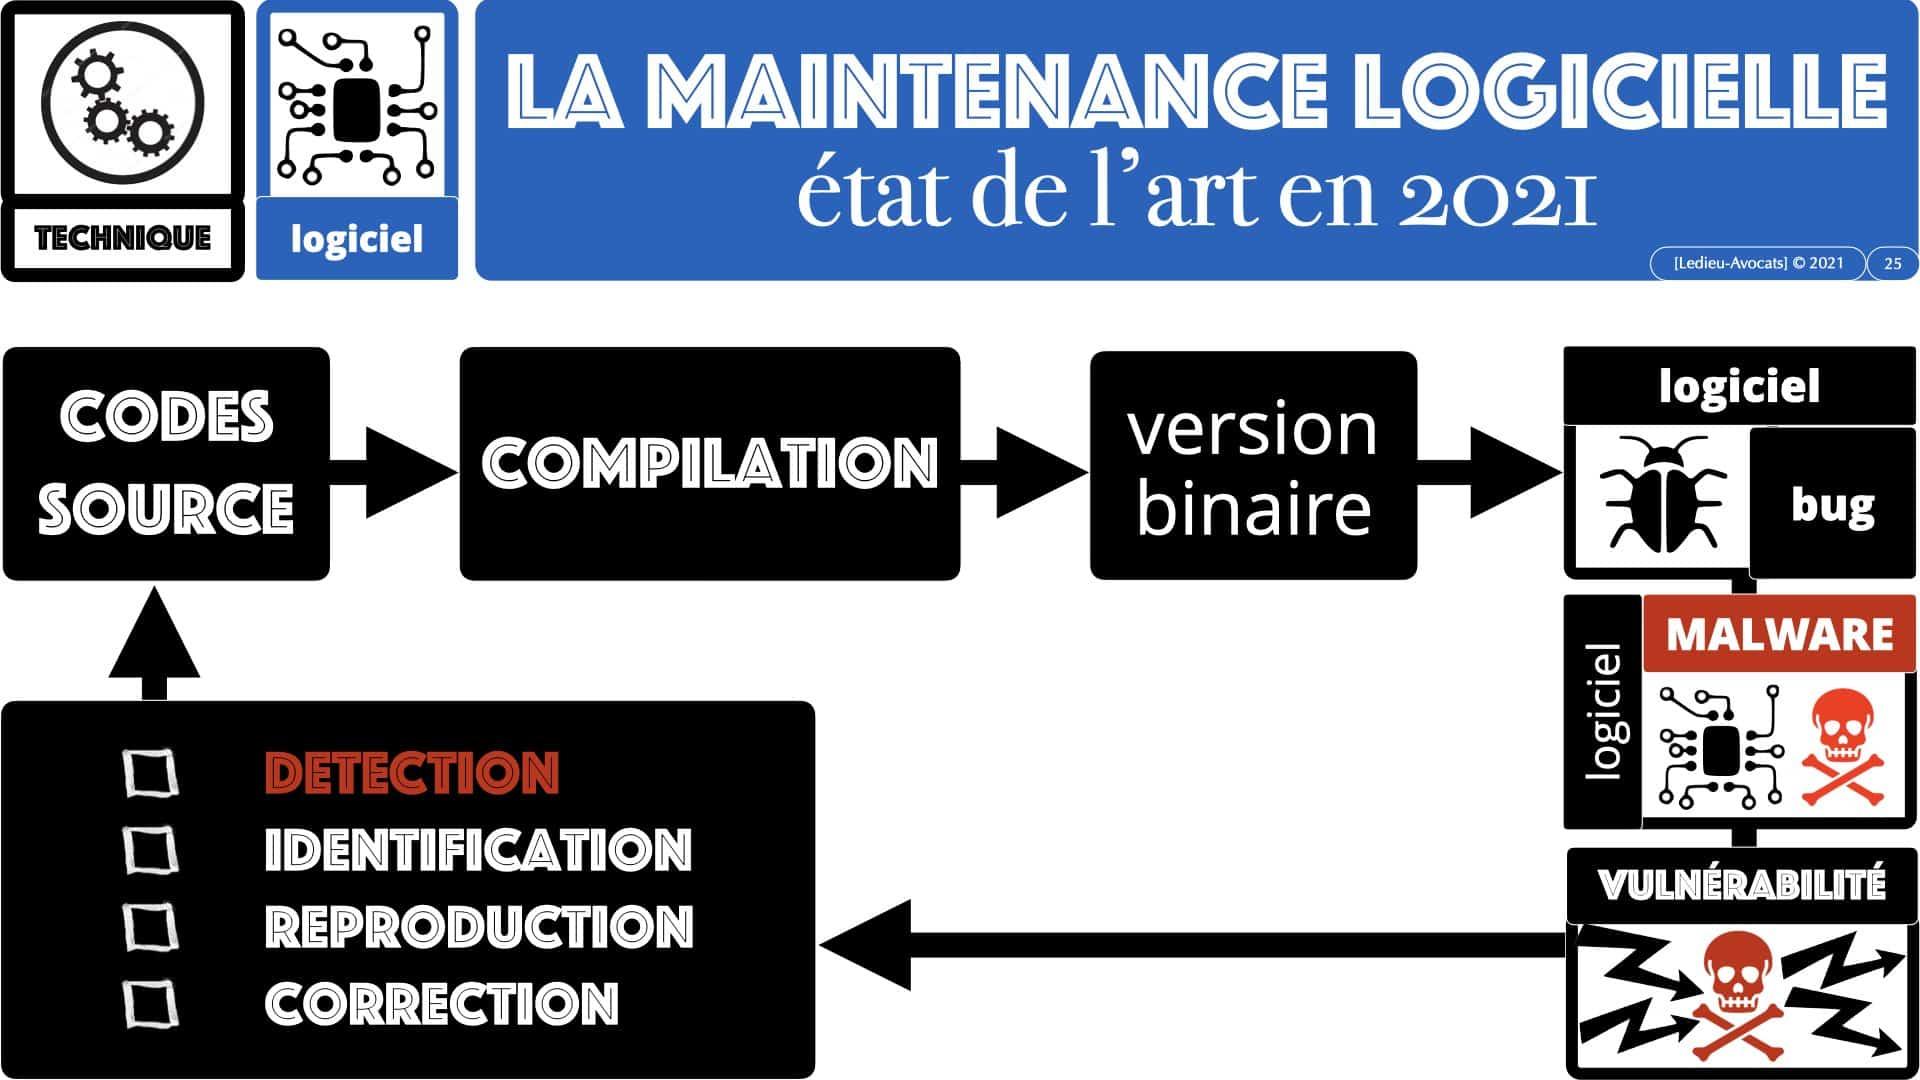 331 CYBER ATTAQUE malware vulnérabilité contrat BtoB © Ledieu-Avocats 30-03-2021 ***16:9***.025